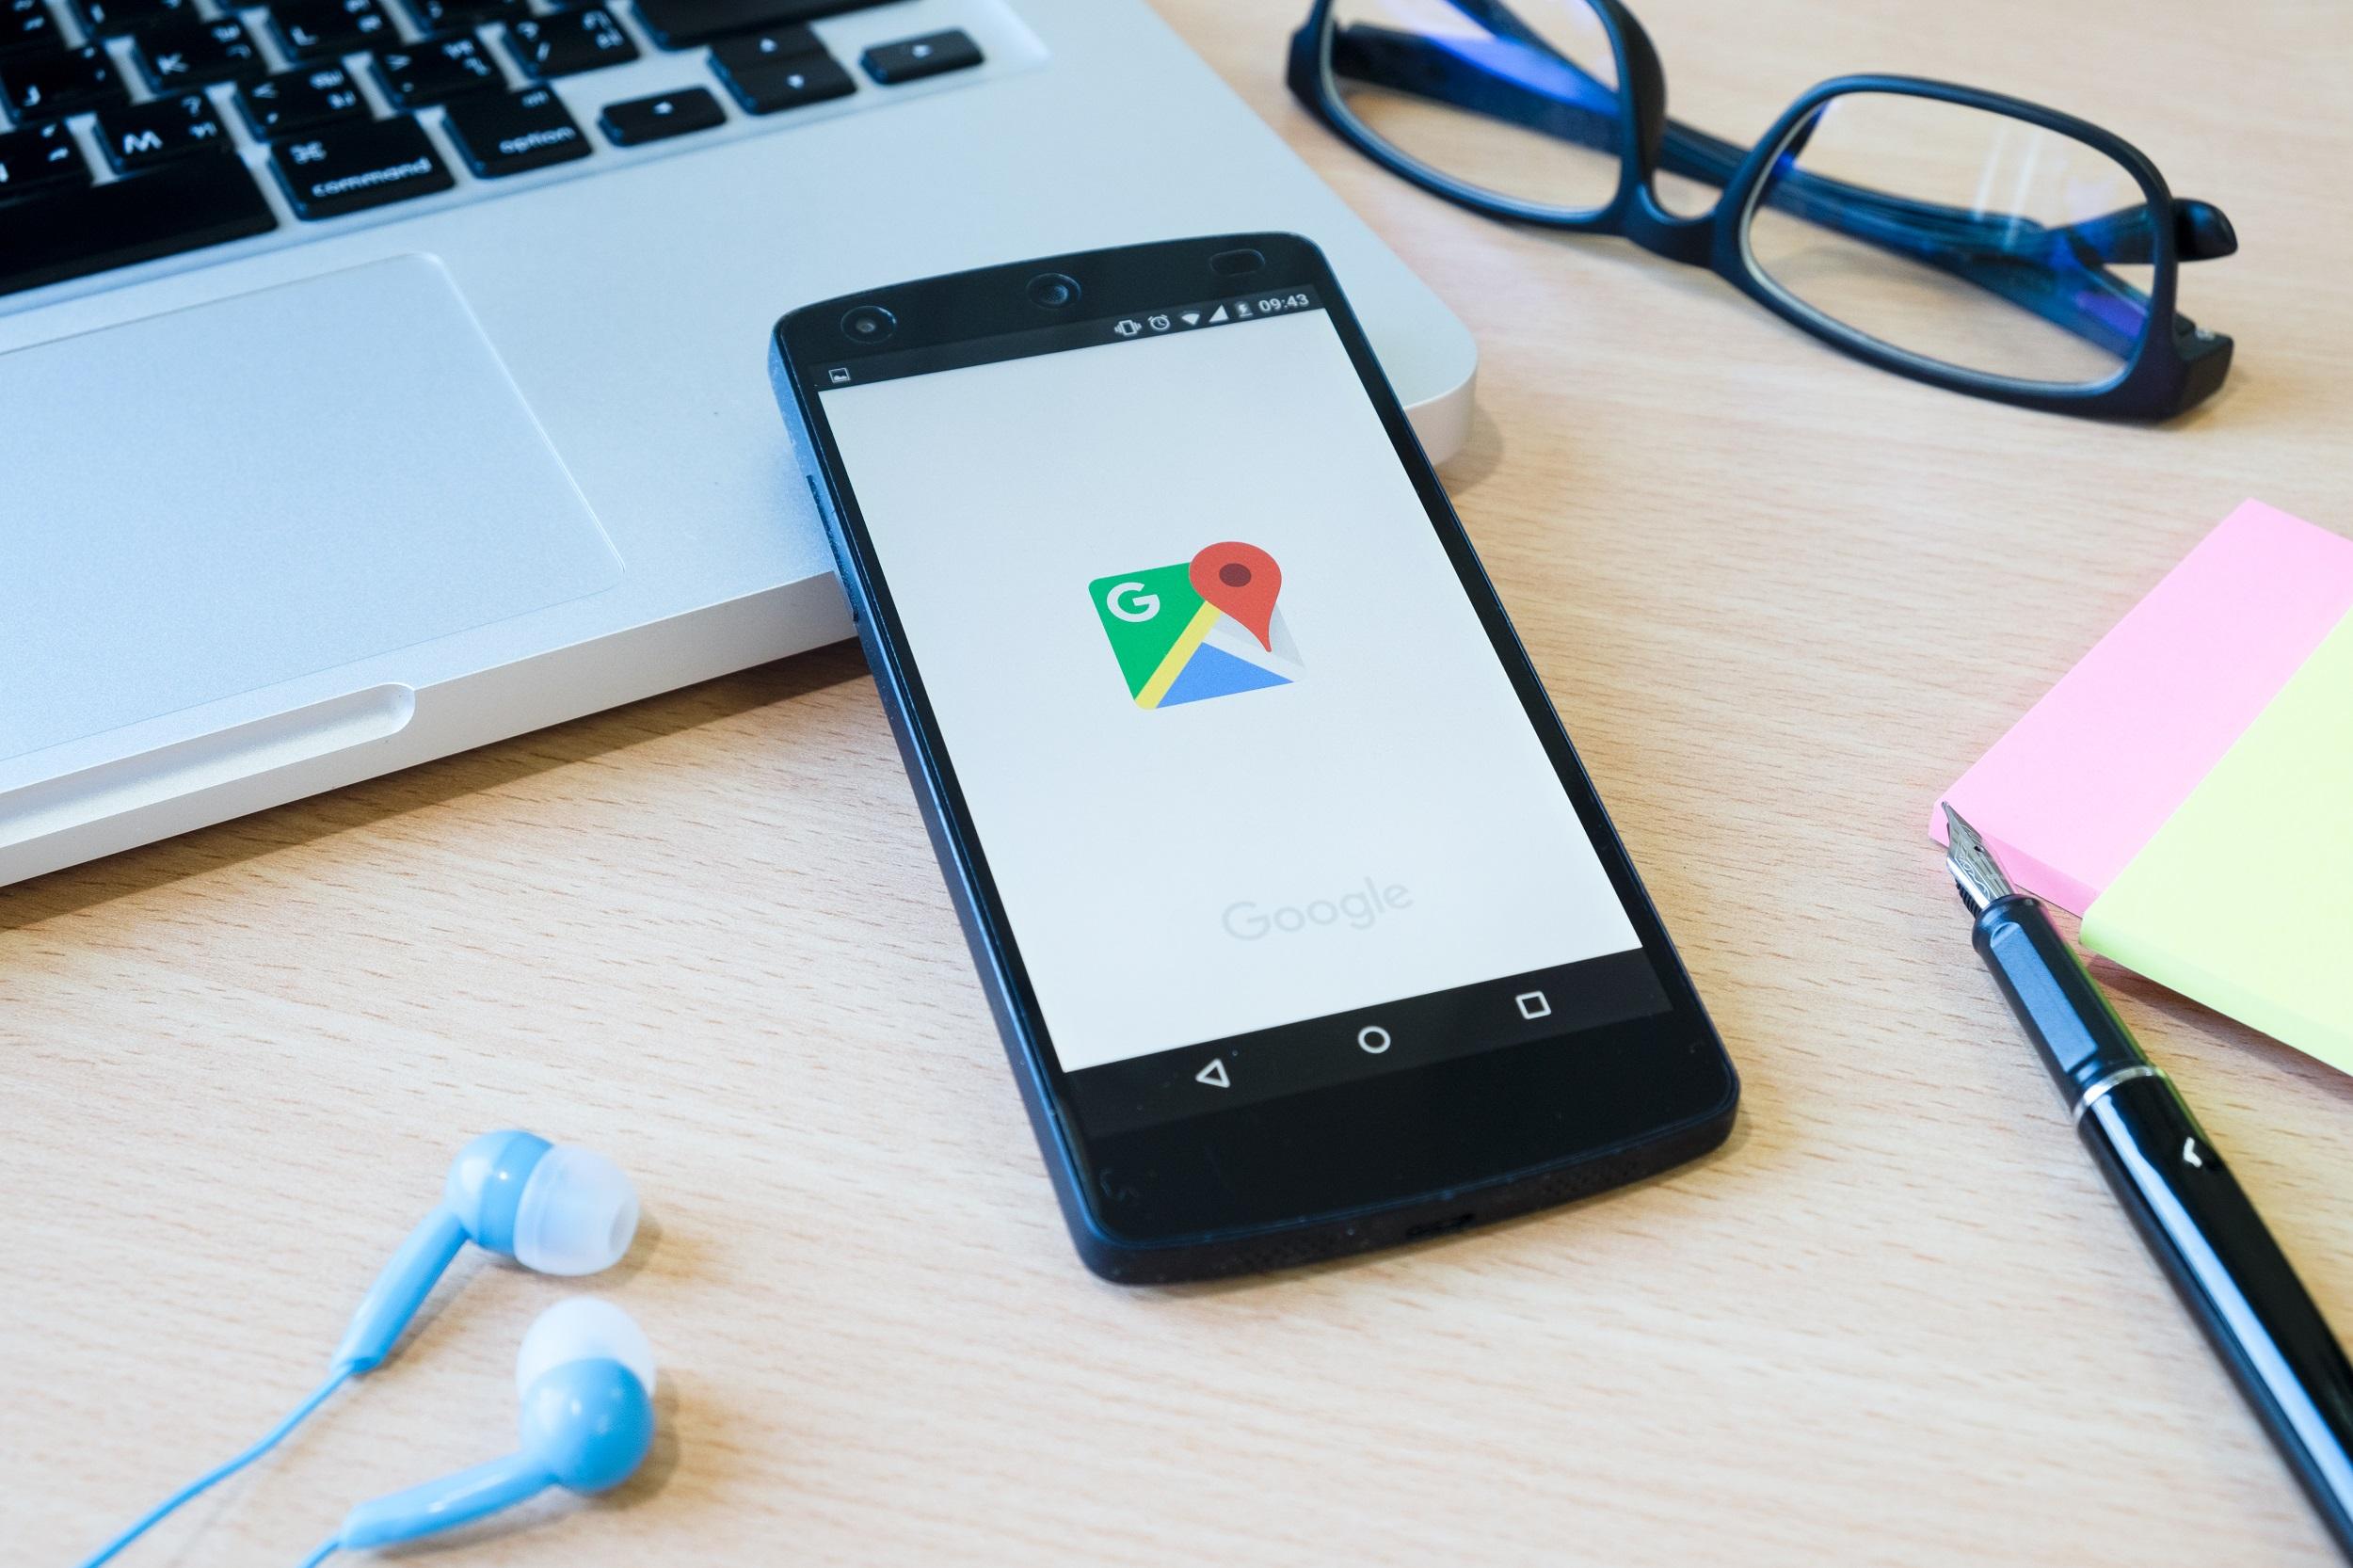 Mode Incognito Hadir di Google Maps Versi iOS